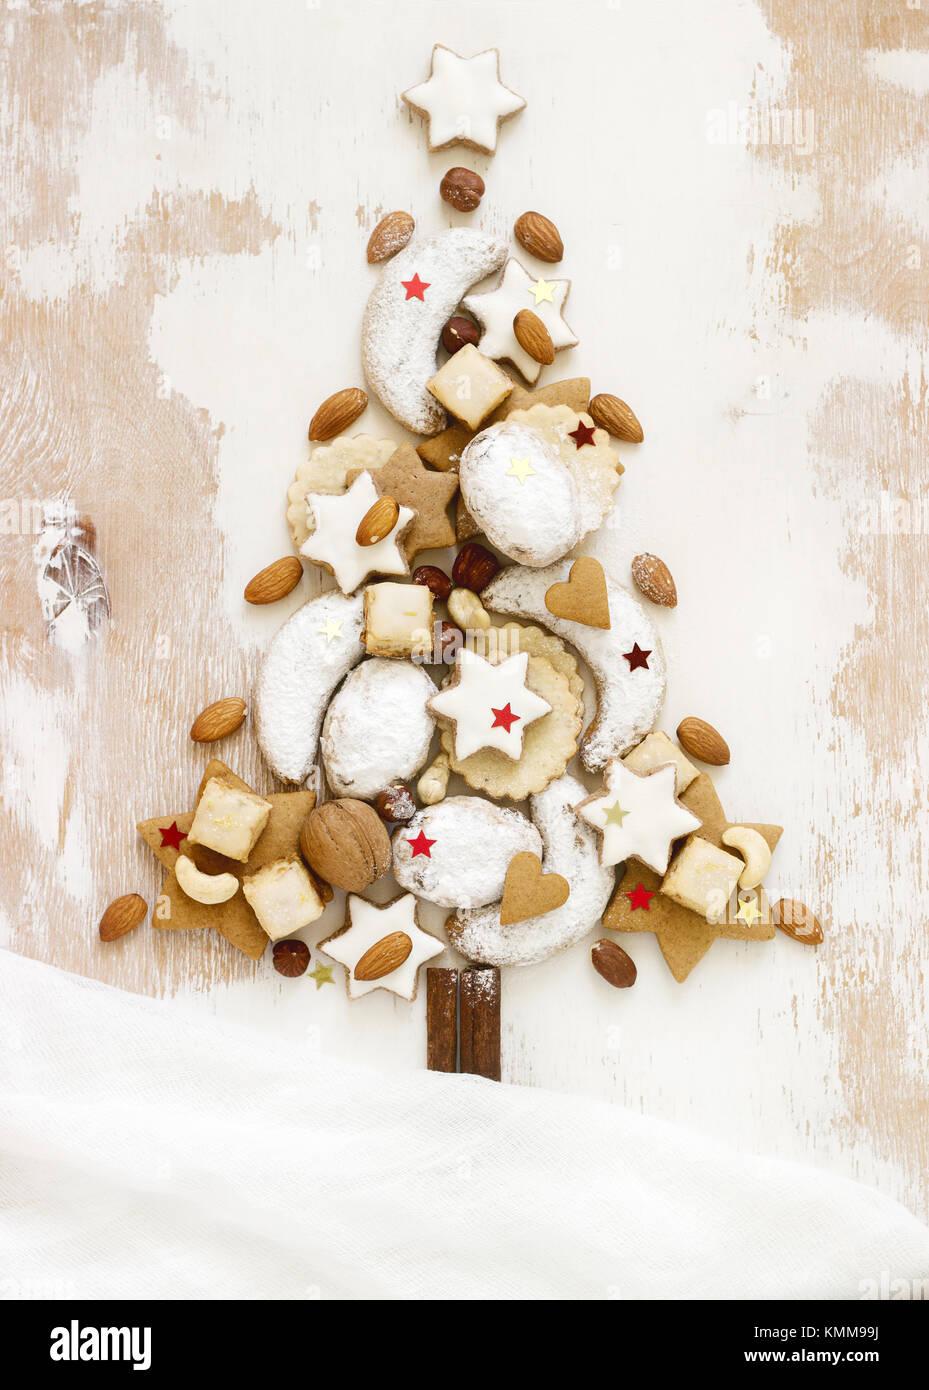 Albero Di Natale Fatto Con I Biscotti.Albero Di Natale Fatto Da Diversi Tipi Di Biscotti Fatti In Casa Su Uno Sfondo Bianco Foto Stock Alamy